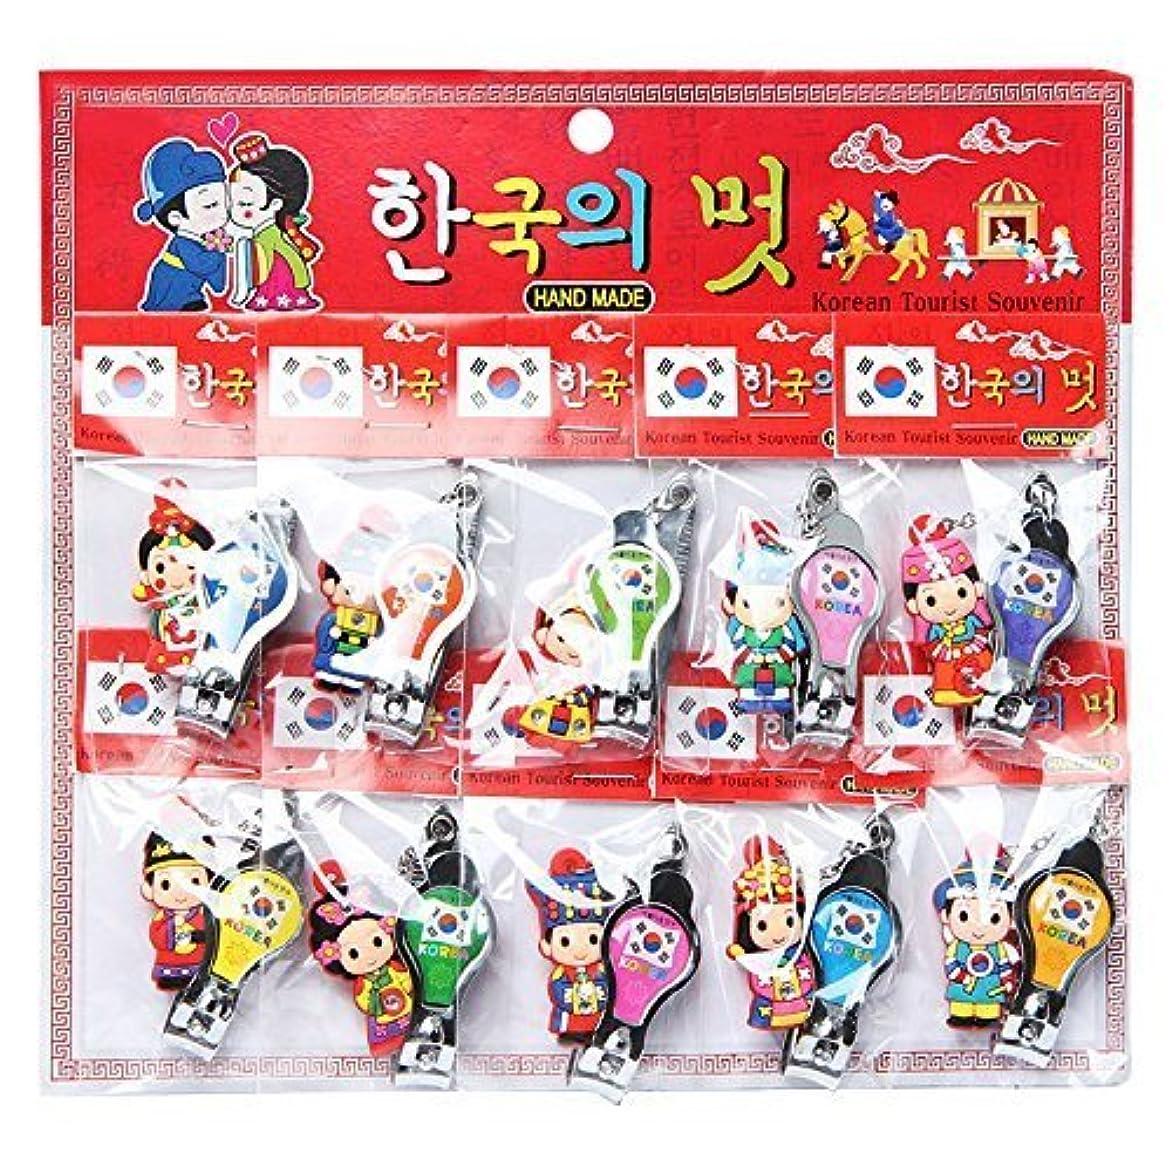 眠りカウント優越KOREA style Nail clippers / 韓国のお土産ギフト [並行輸入品]